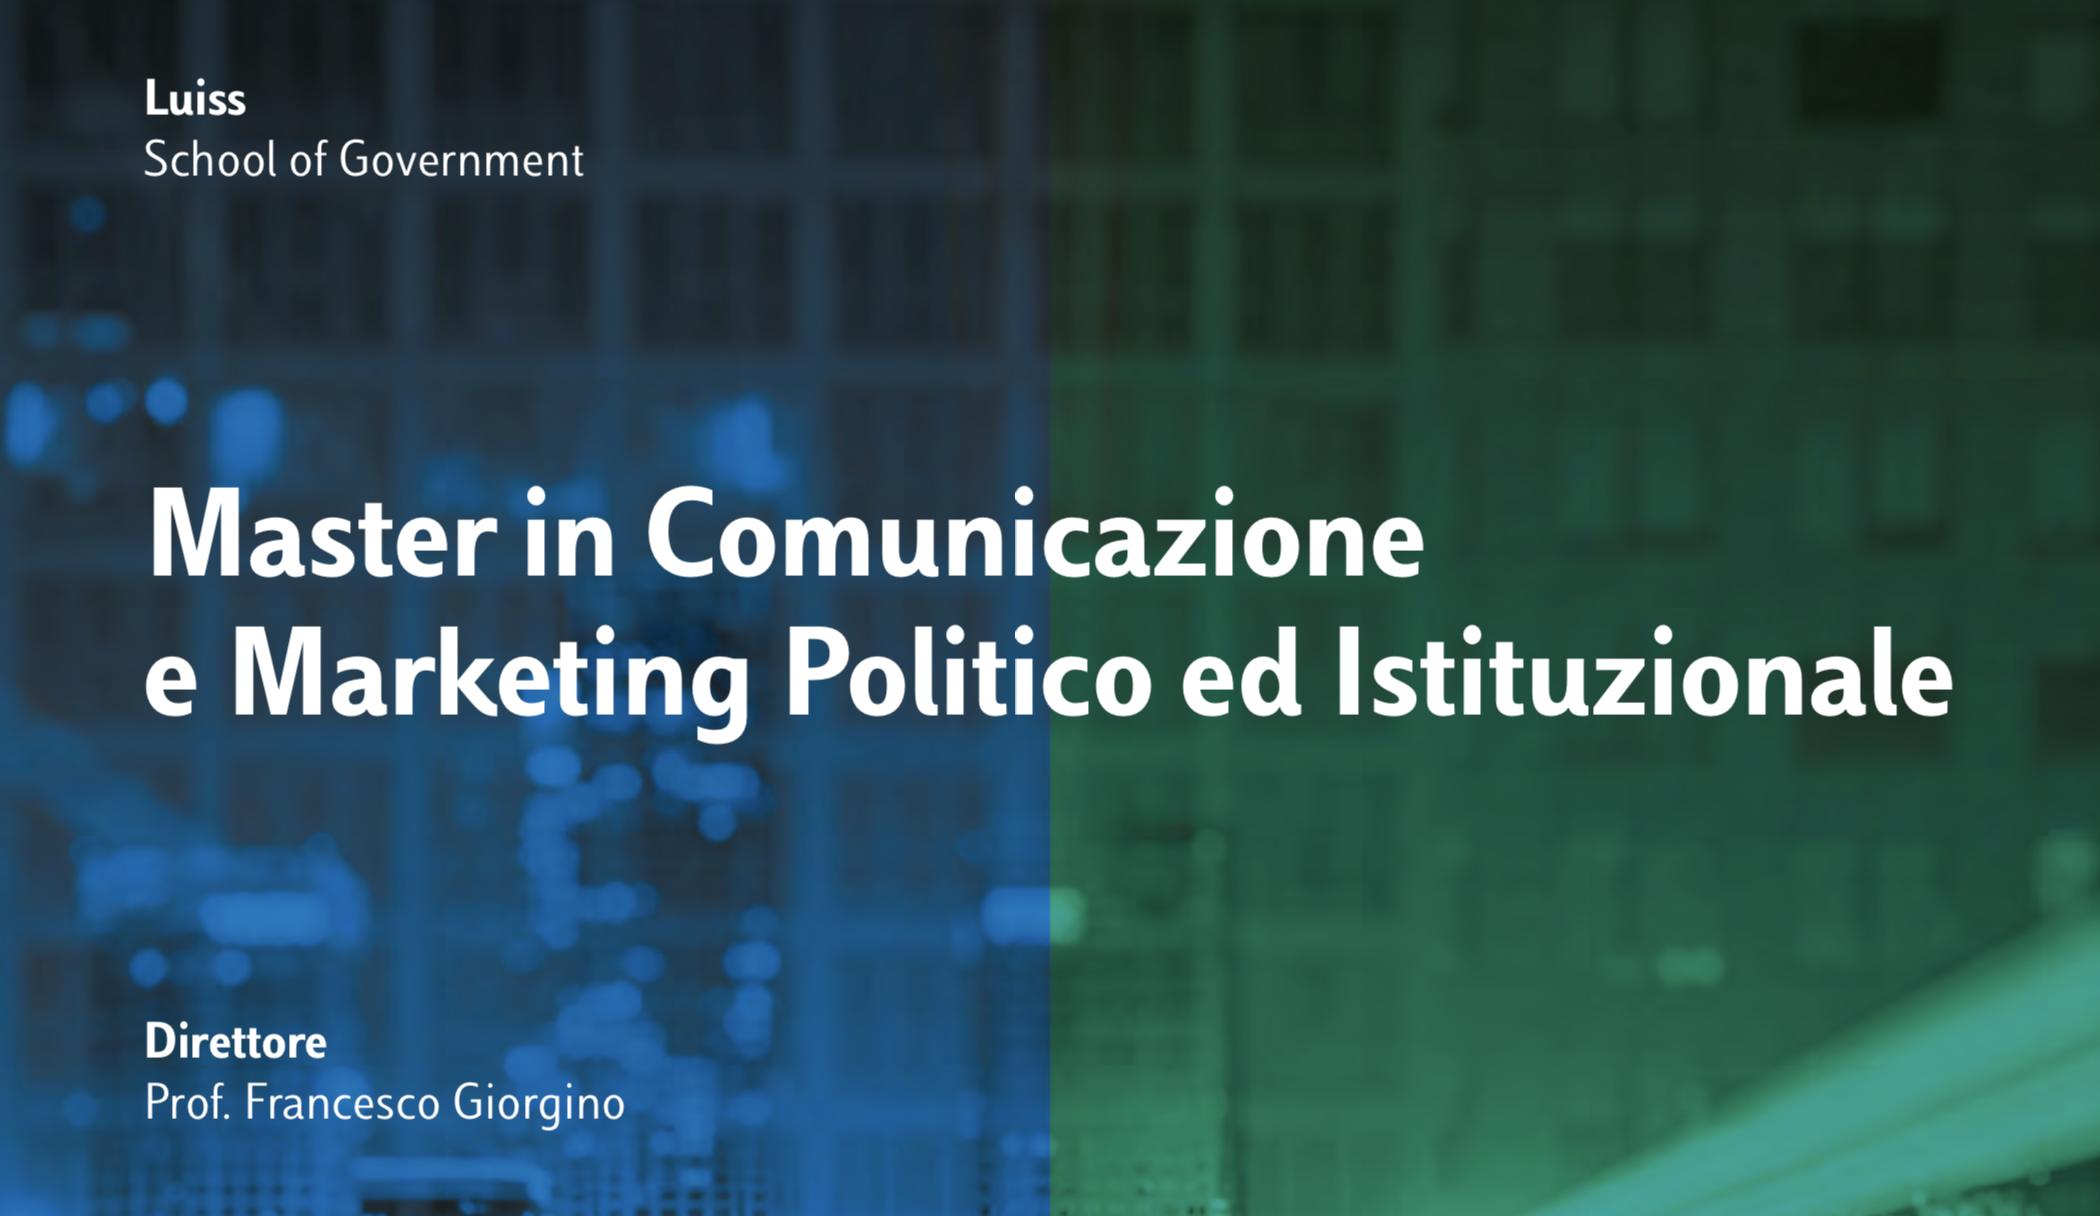 Master in comunicazione e marketing della Luiss in collaborazione con Ferpi